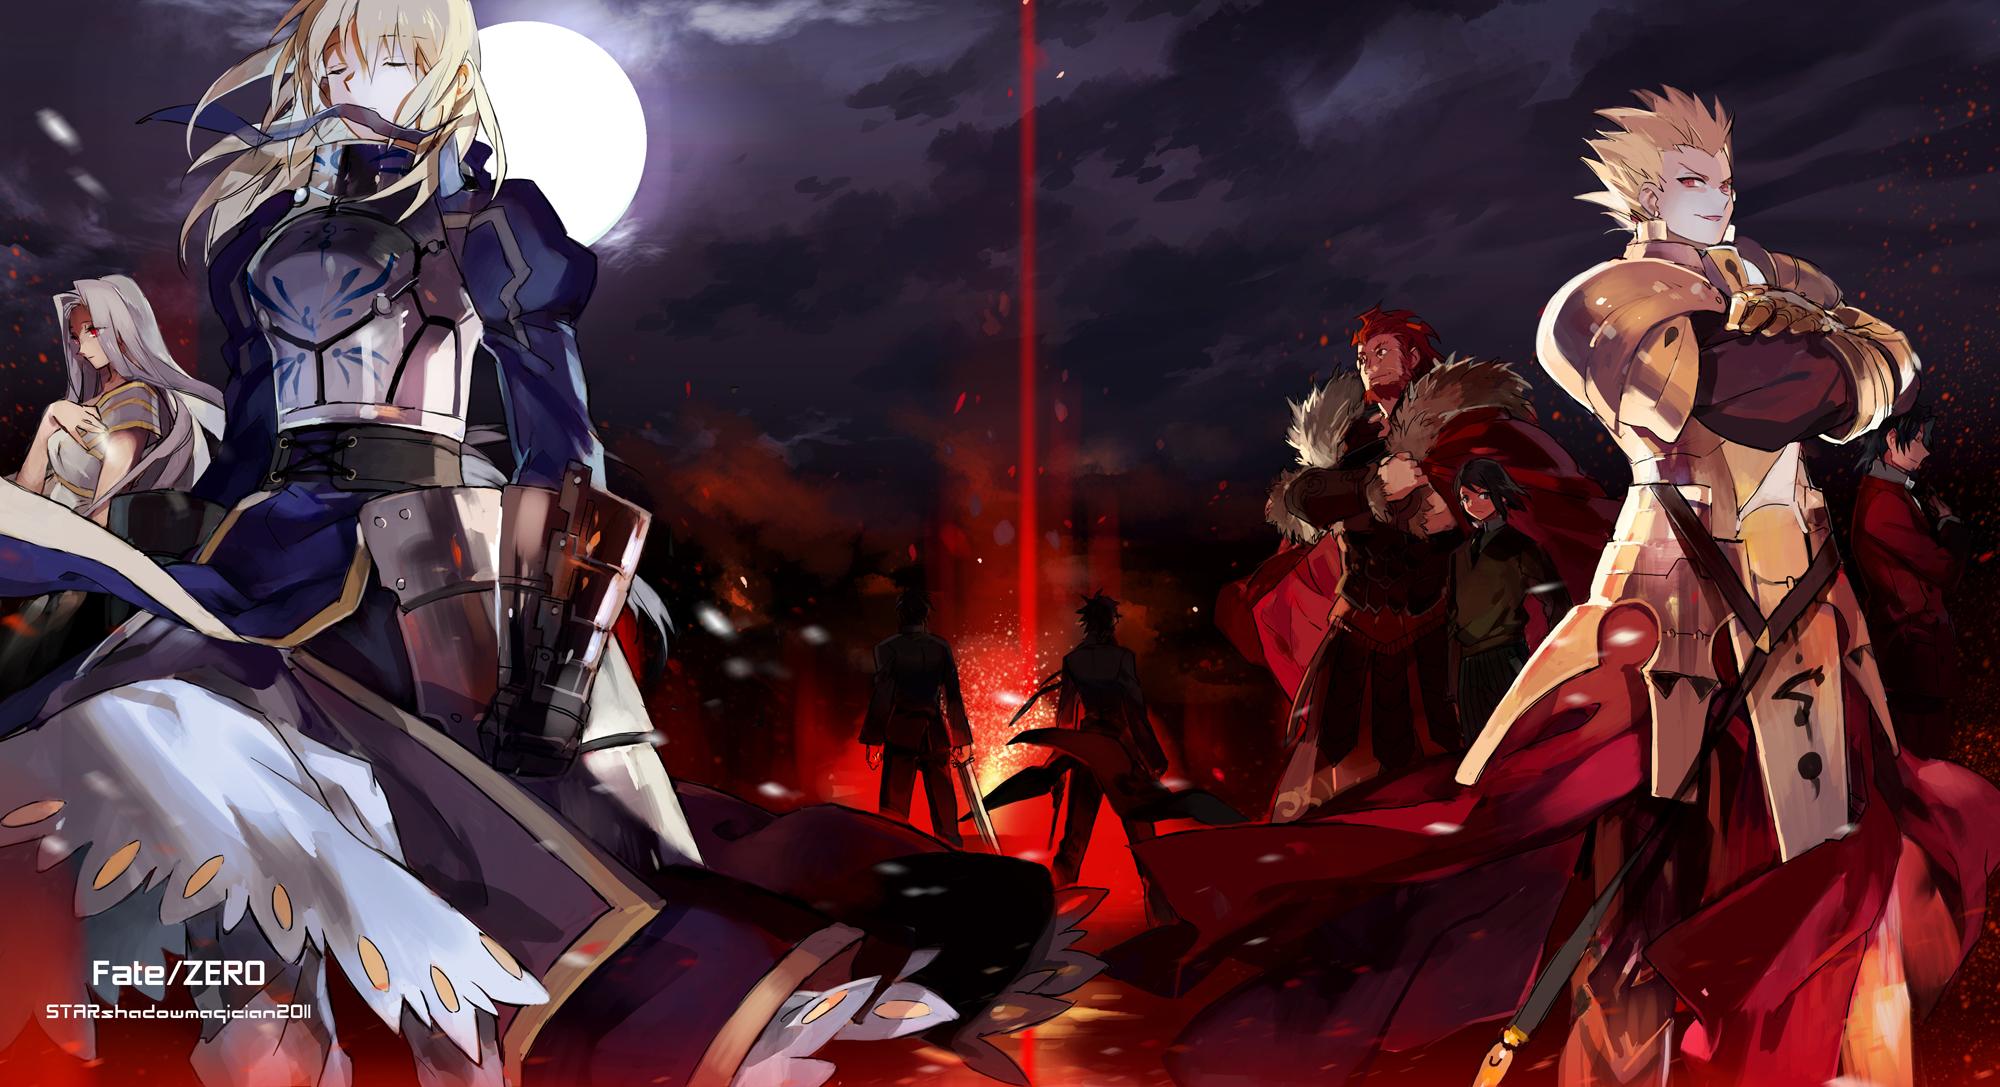 fate stay night fate zero gilgamesh kotomine kirei moon night 2000x1087